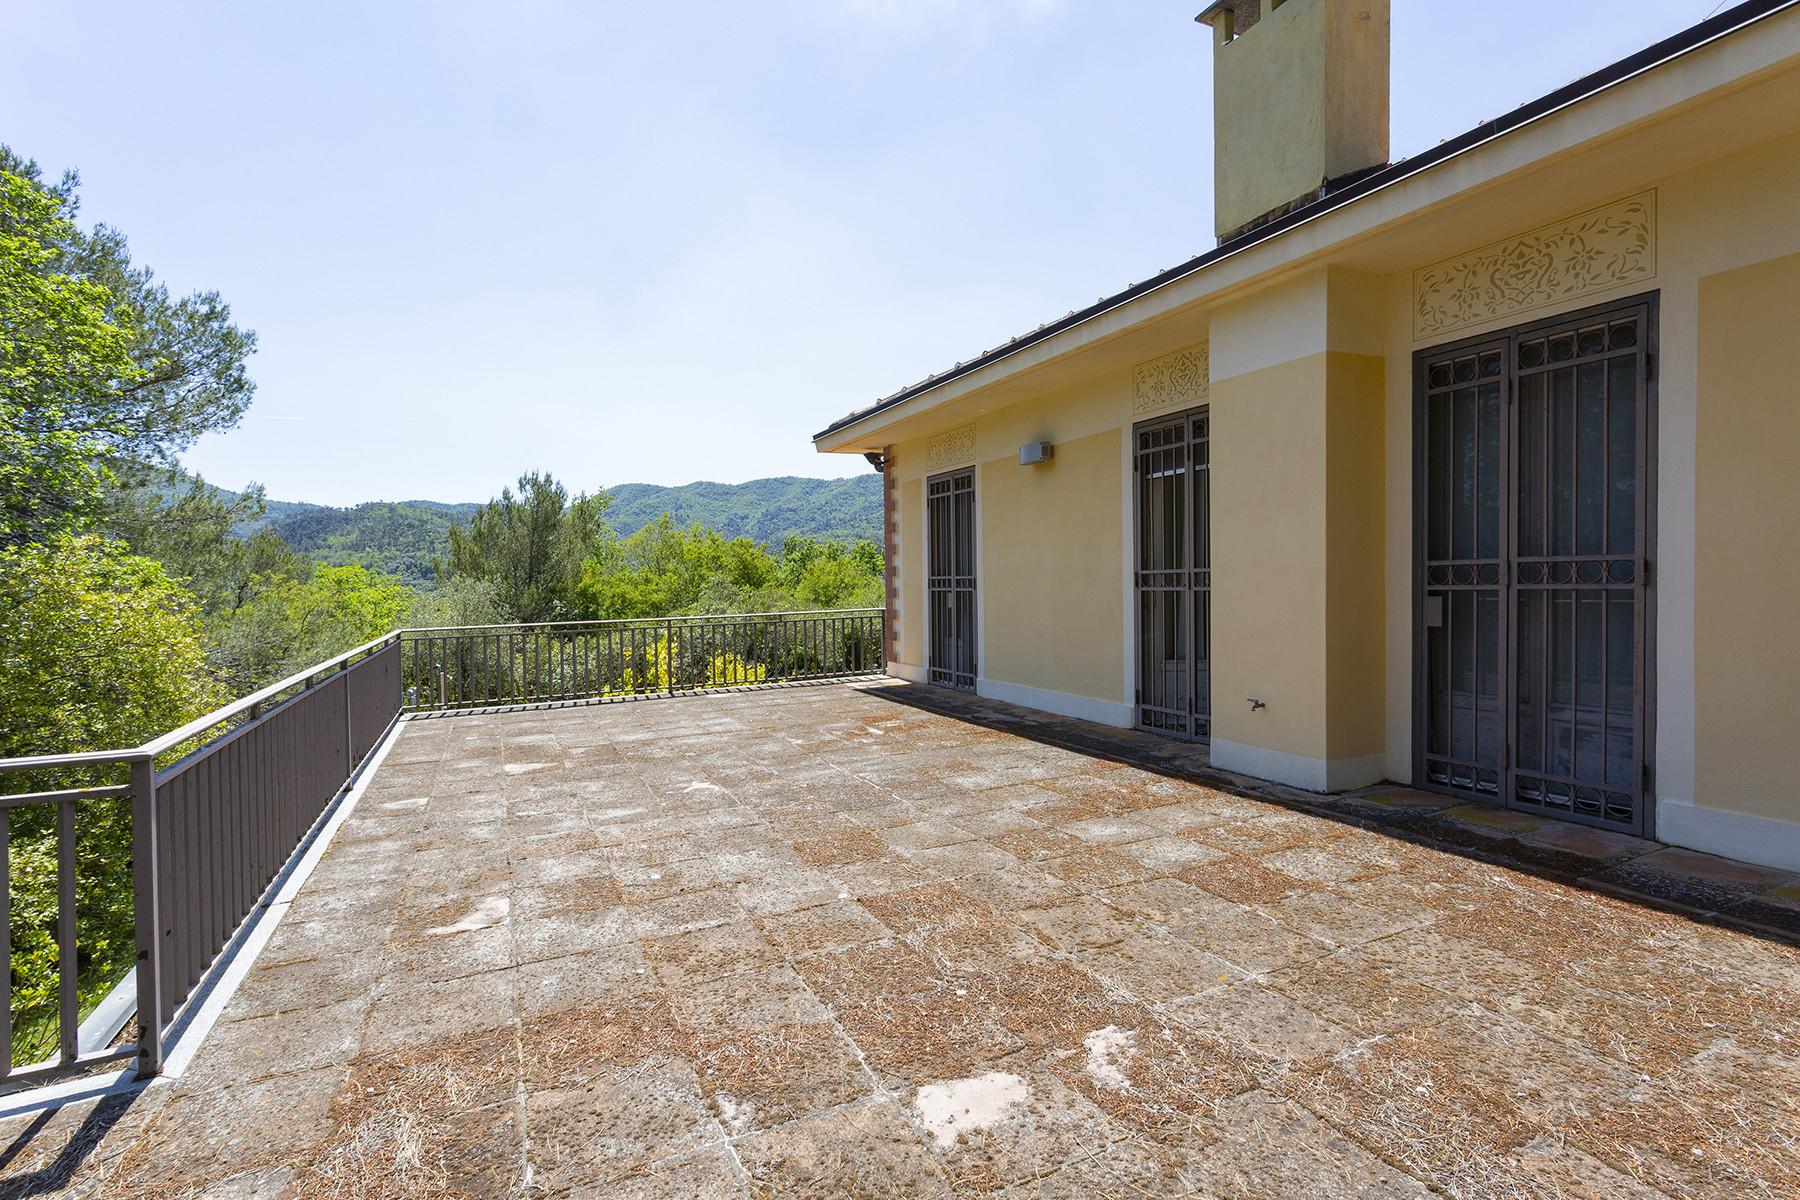 Villa in Vendita a Garlenda: 5 locali, 450 mq - Foto 13